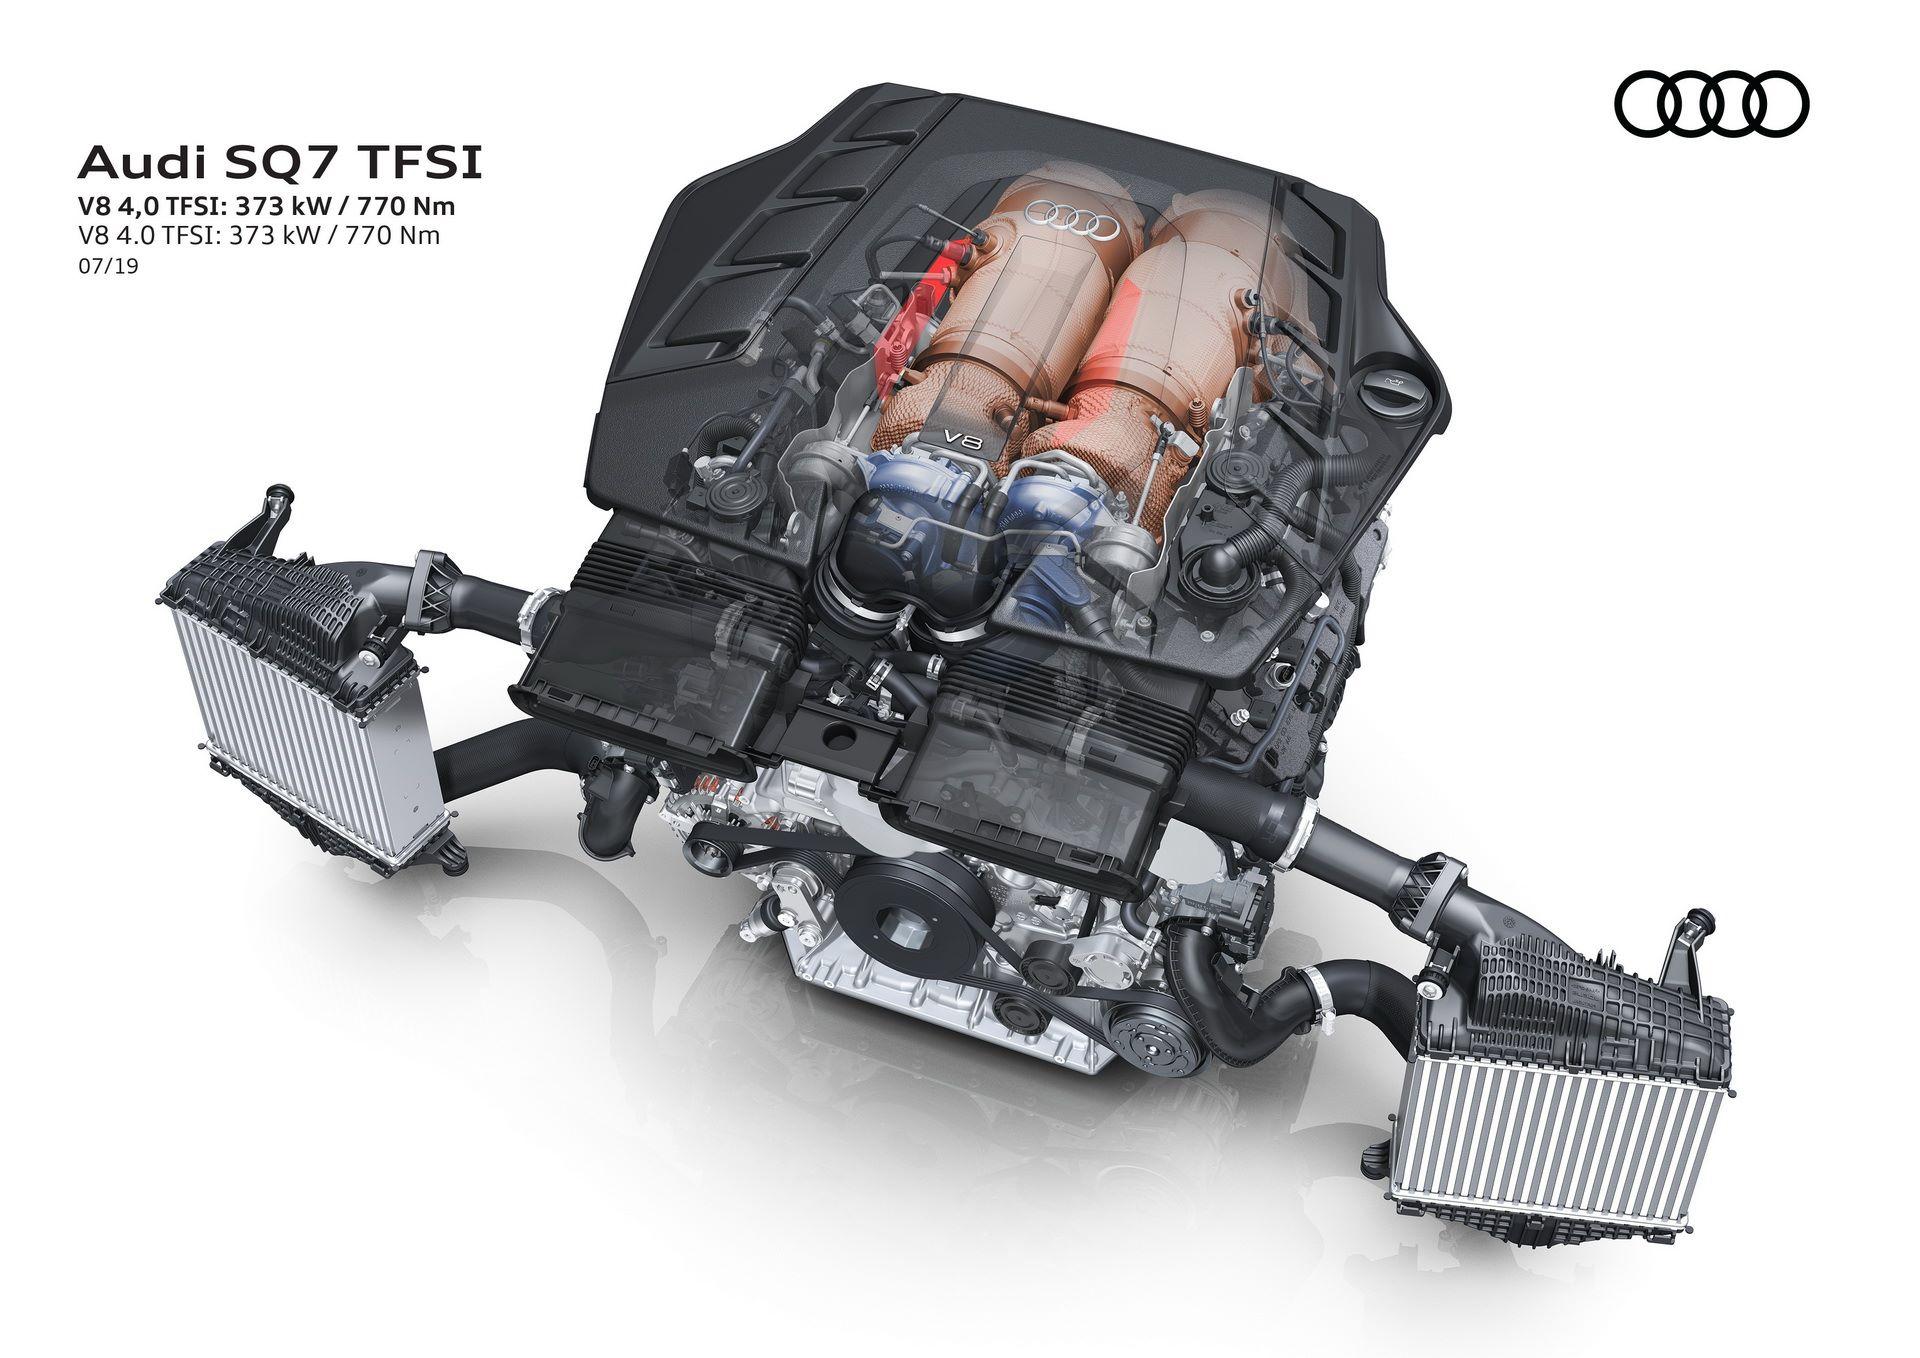 audi-sq7-sq8-v8-tfsi-engine-66